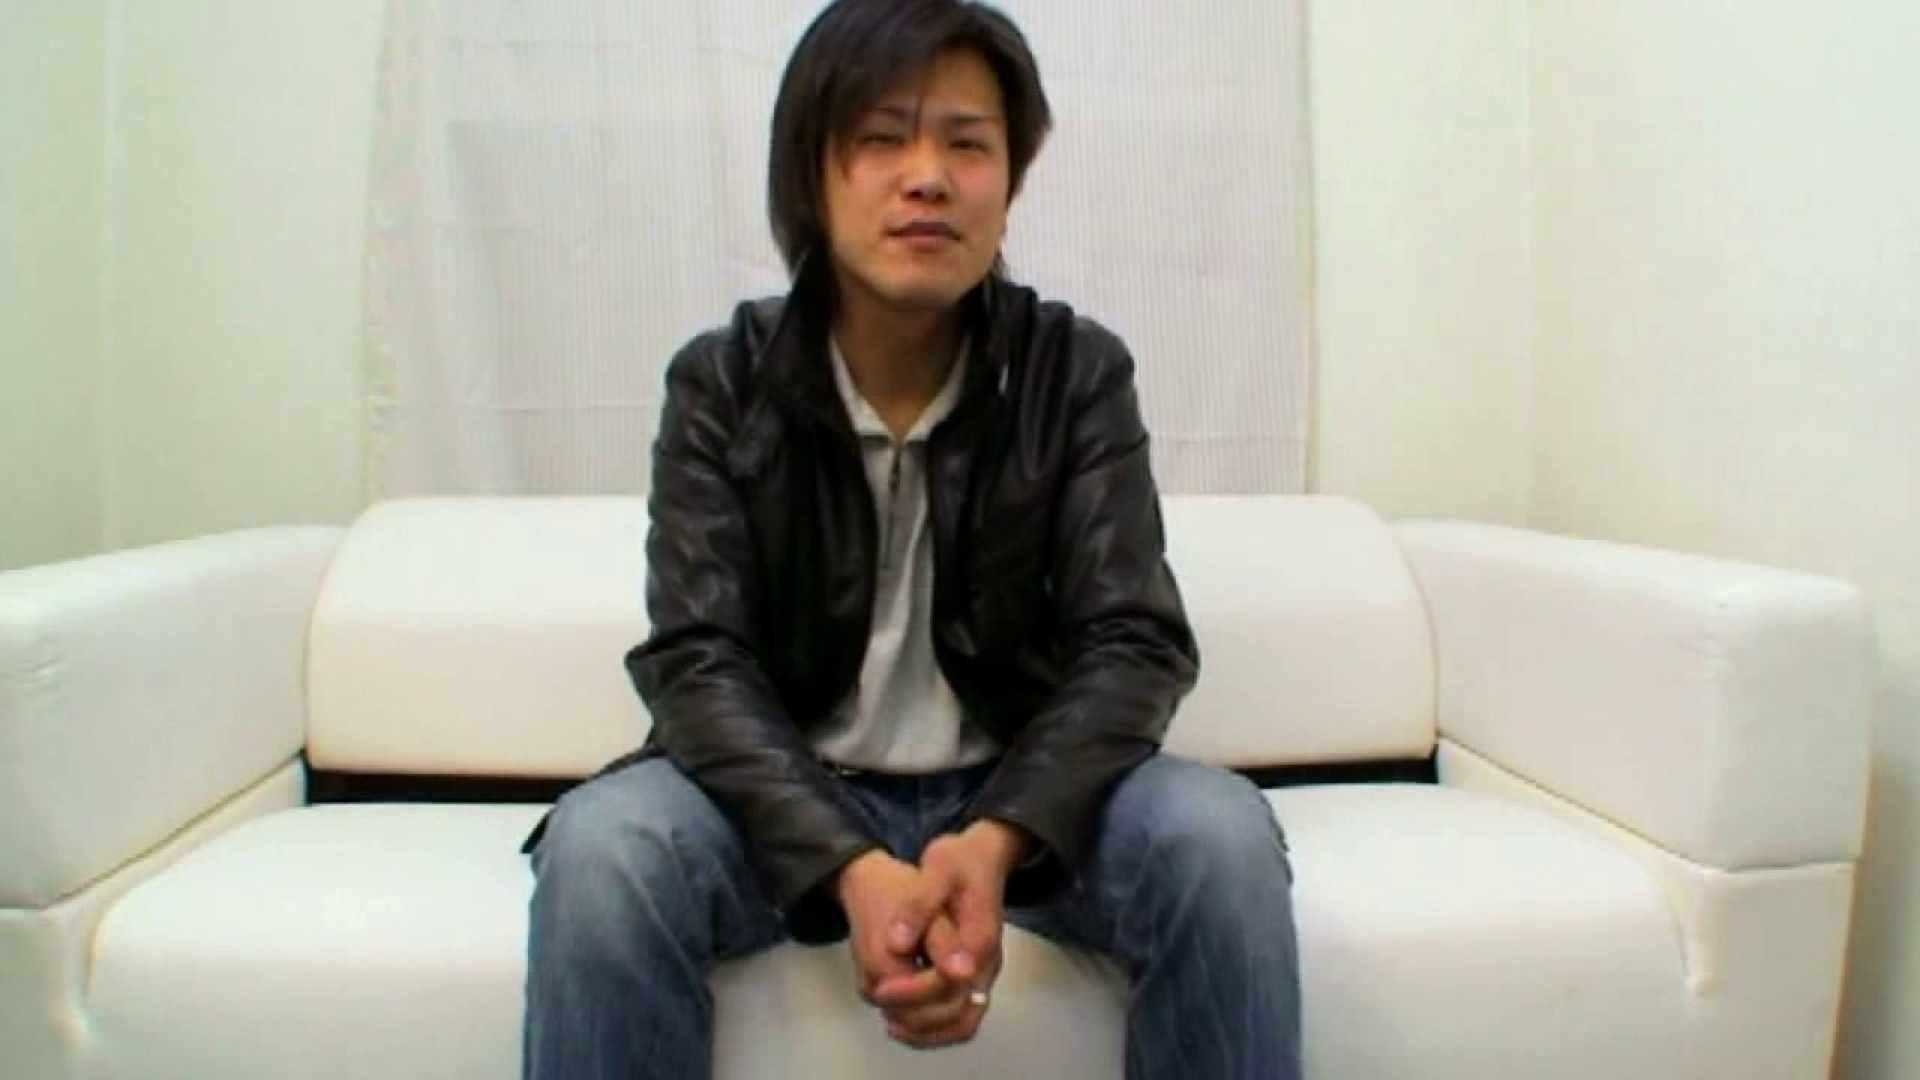 ノンケ!自慰スタジオ No.26 ノンケ君達の・・ | ゲイのオナニー映像  109枚 37